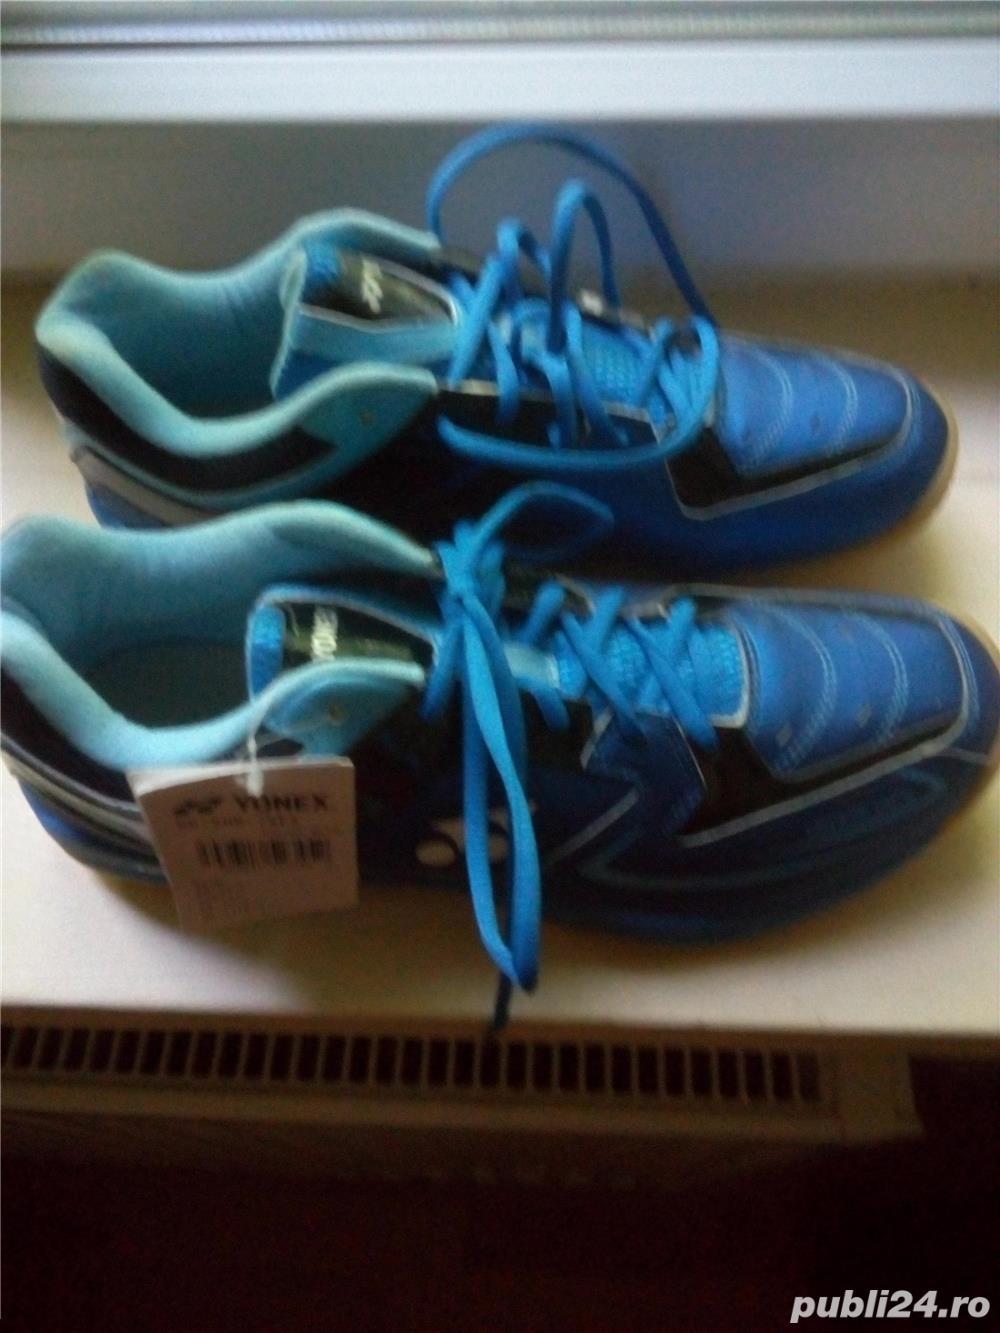 Pantofi sport barbatesti Yonex, culoare albastra,marimea 45,noi.